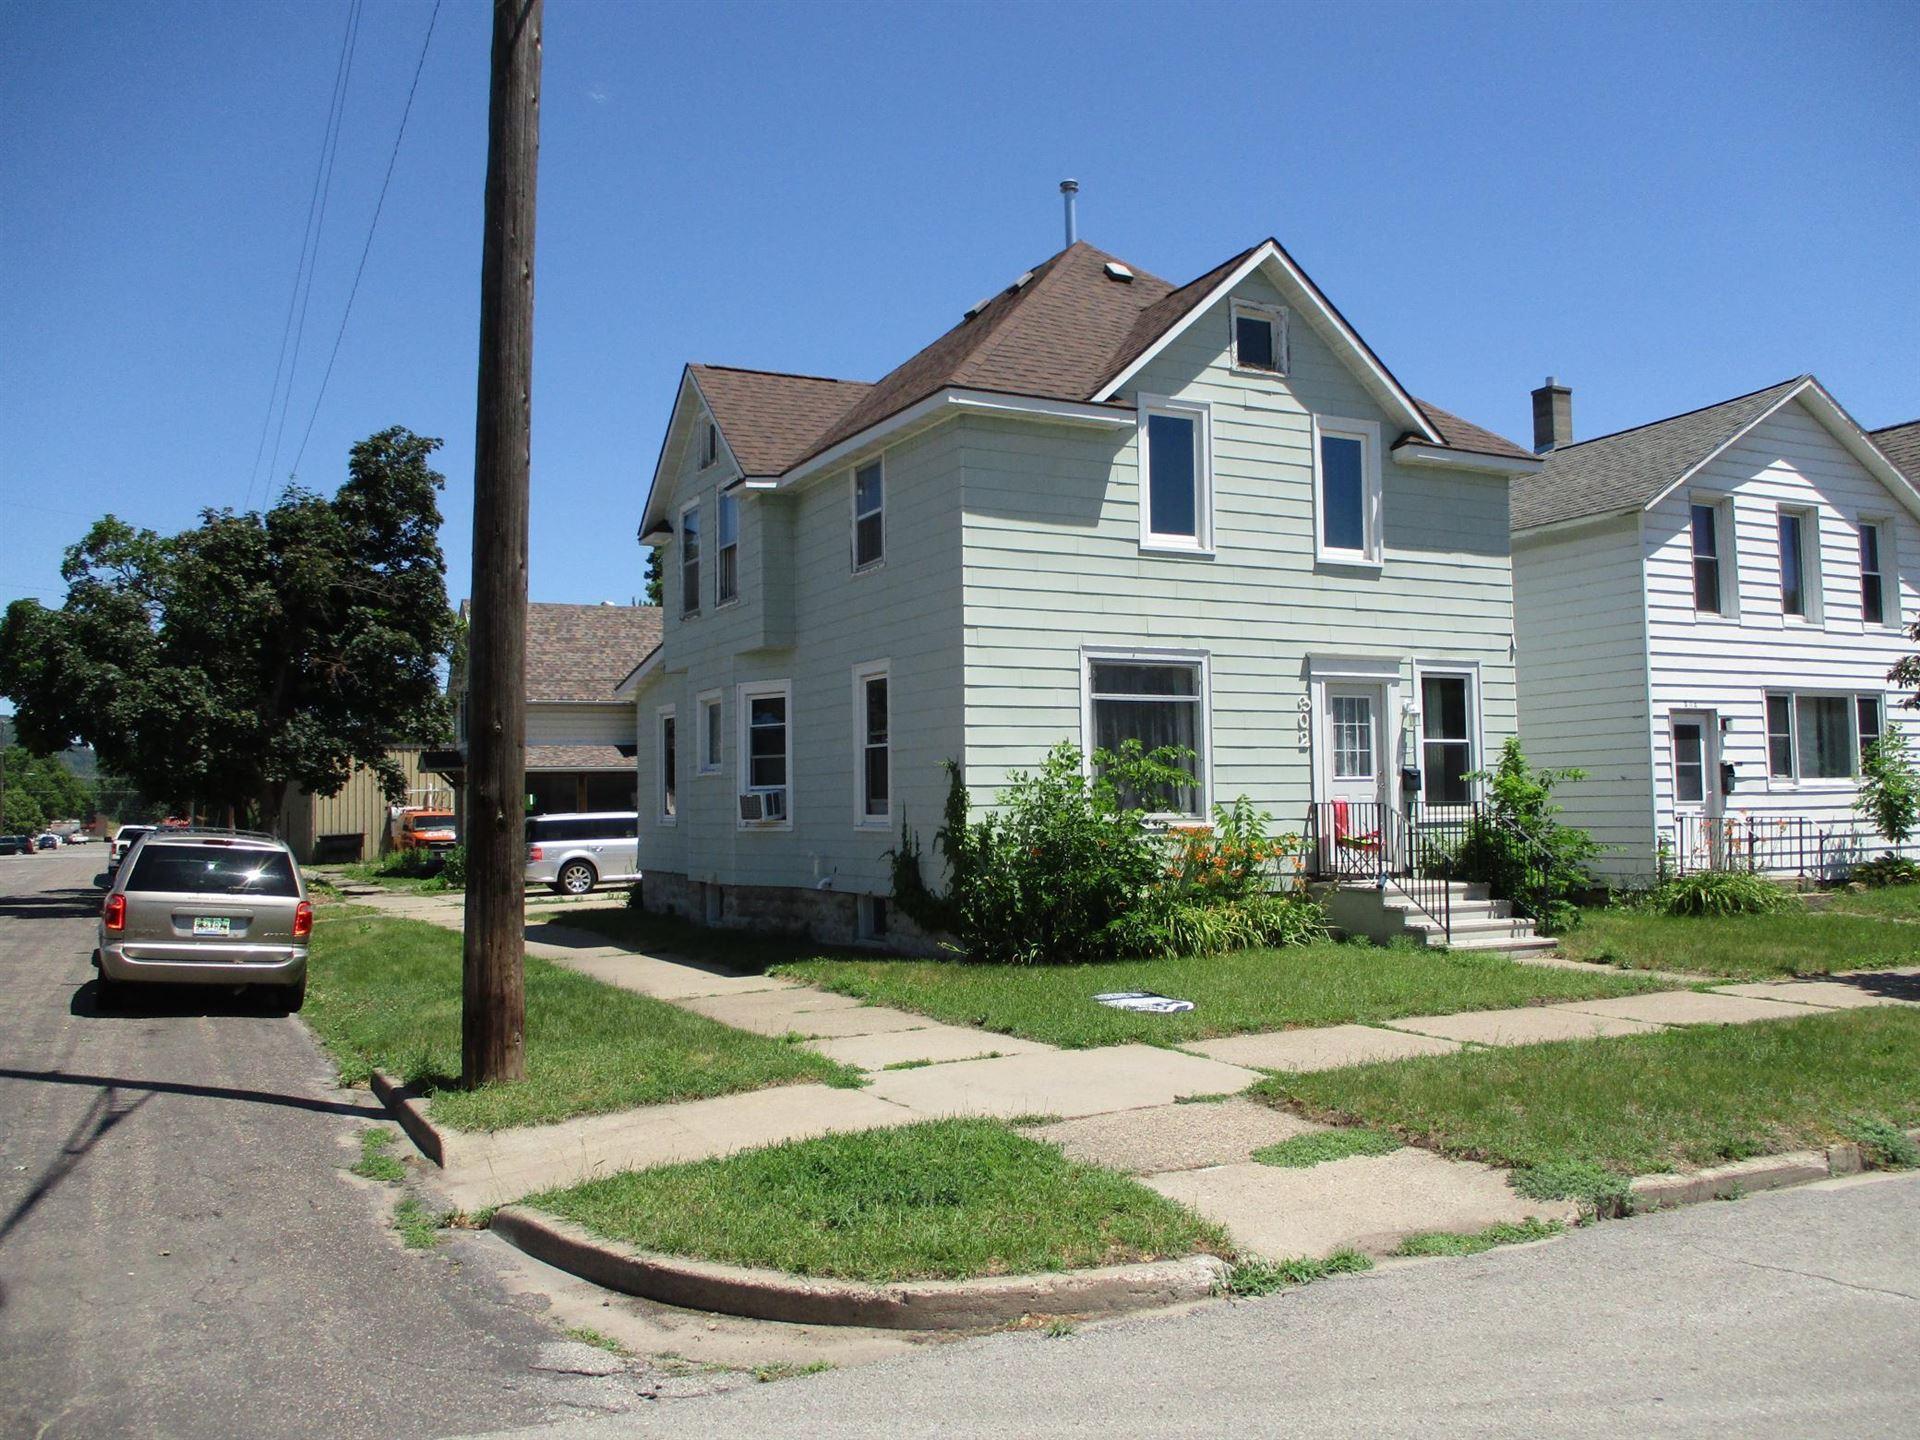 302 E 4th Street, Winona, MN 55987 - MLS#: 6011912